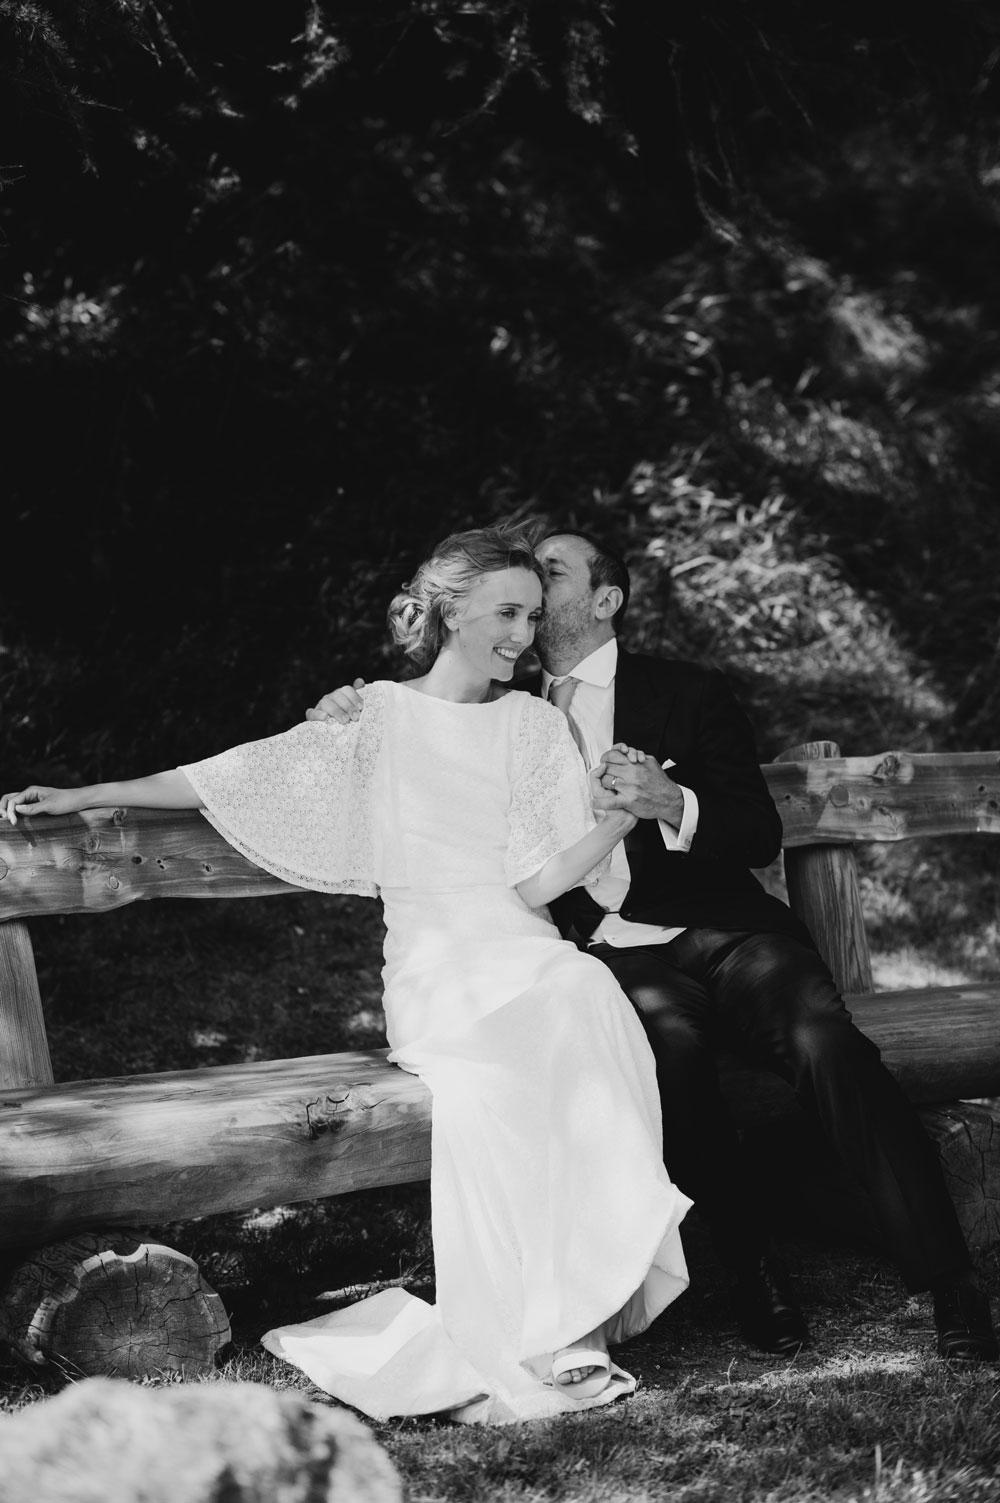 wedding_photographer_celerina_044.jpg